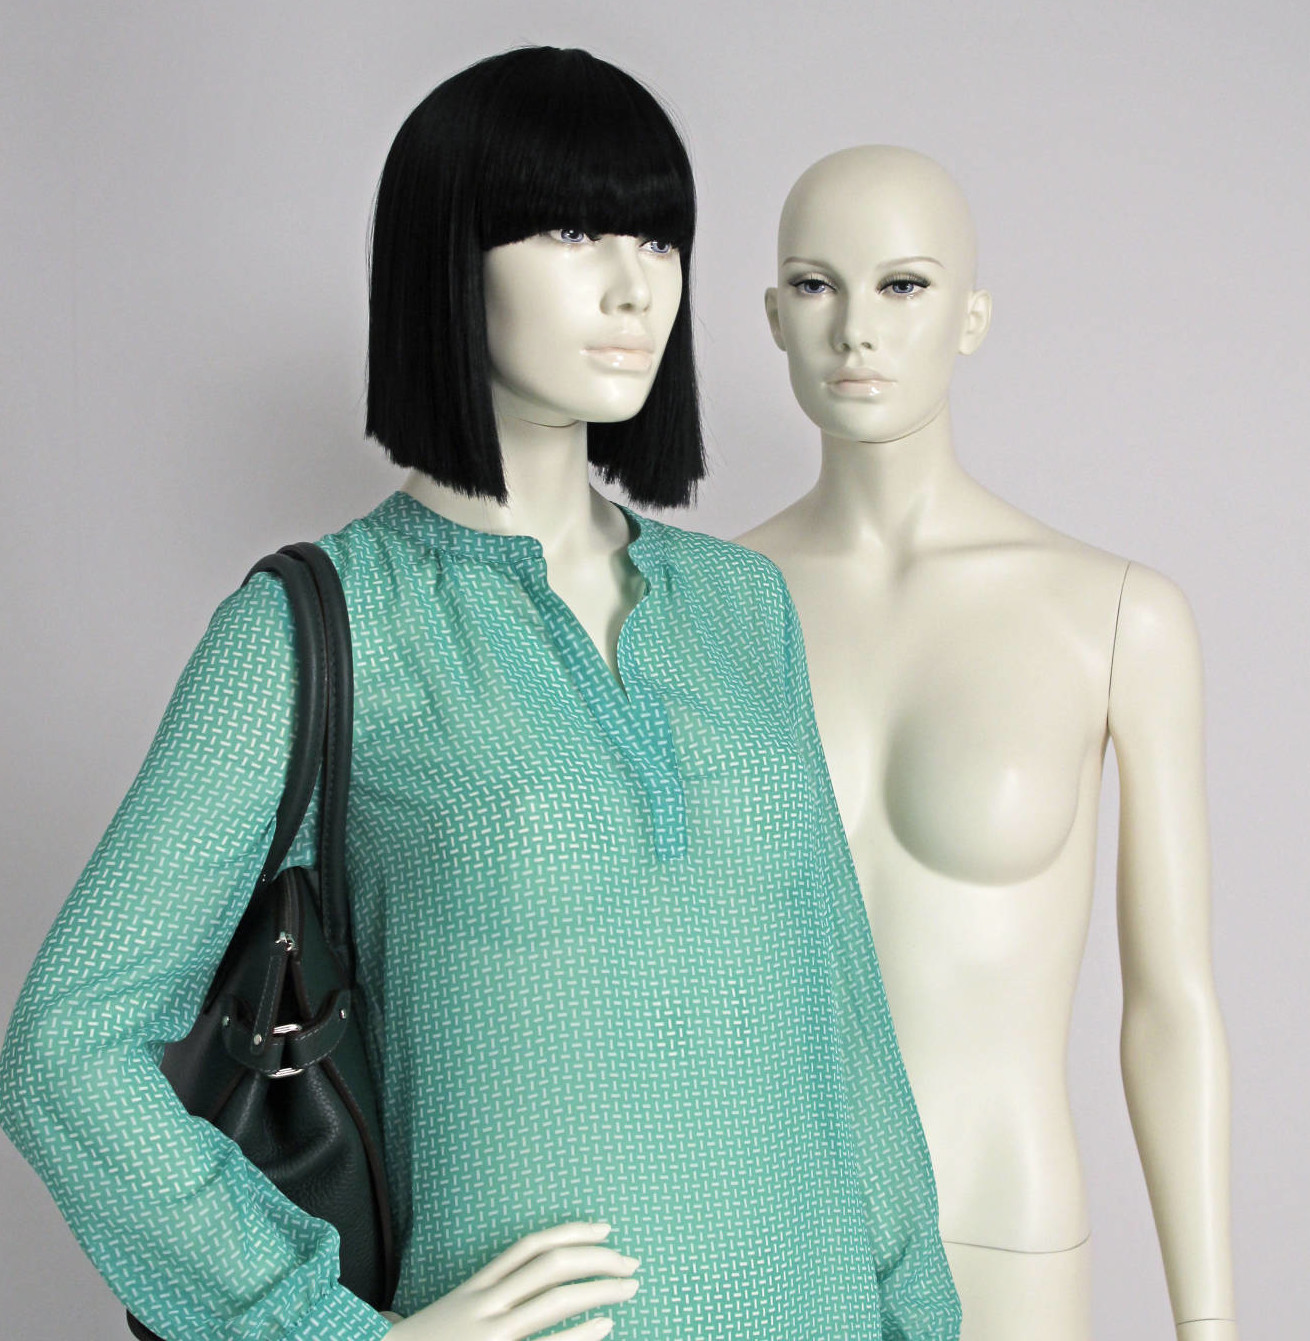 Moderne stilistisk dame mannequin med makeup og paryk. Fås i flere modeller